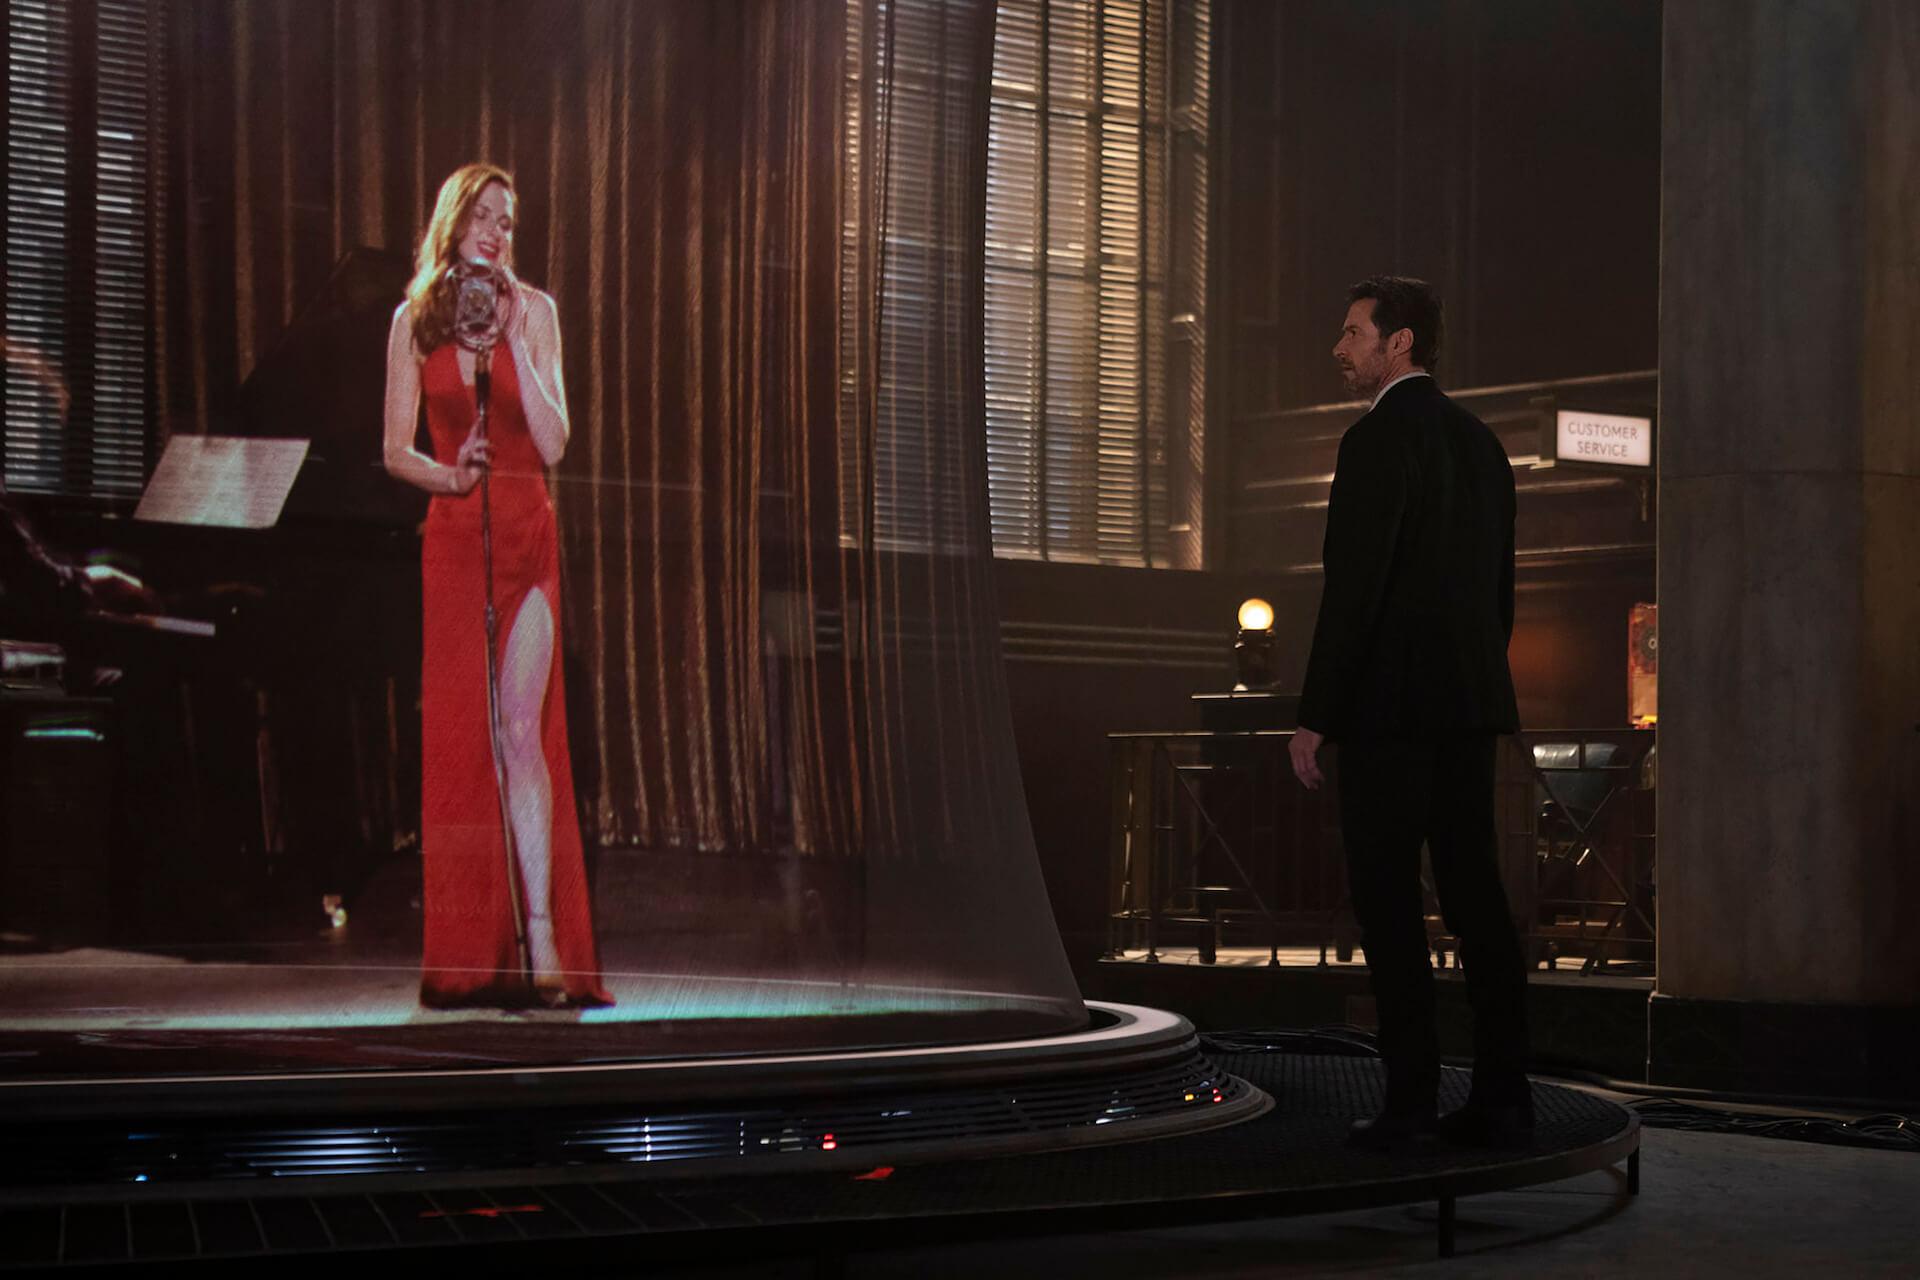 ジョナサン・ノーランとリサ・ジョイが仕掛けるSFサスペンス、ついに公開!ヒュー・ジャックマン主演『レミニセンス』の本編冒頭映像が解禁 film210917_reminiscence_3